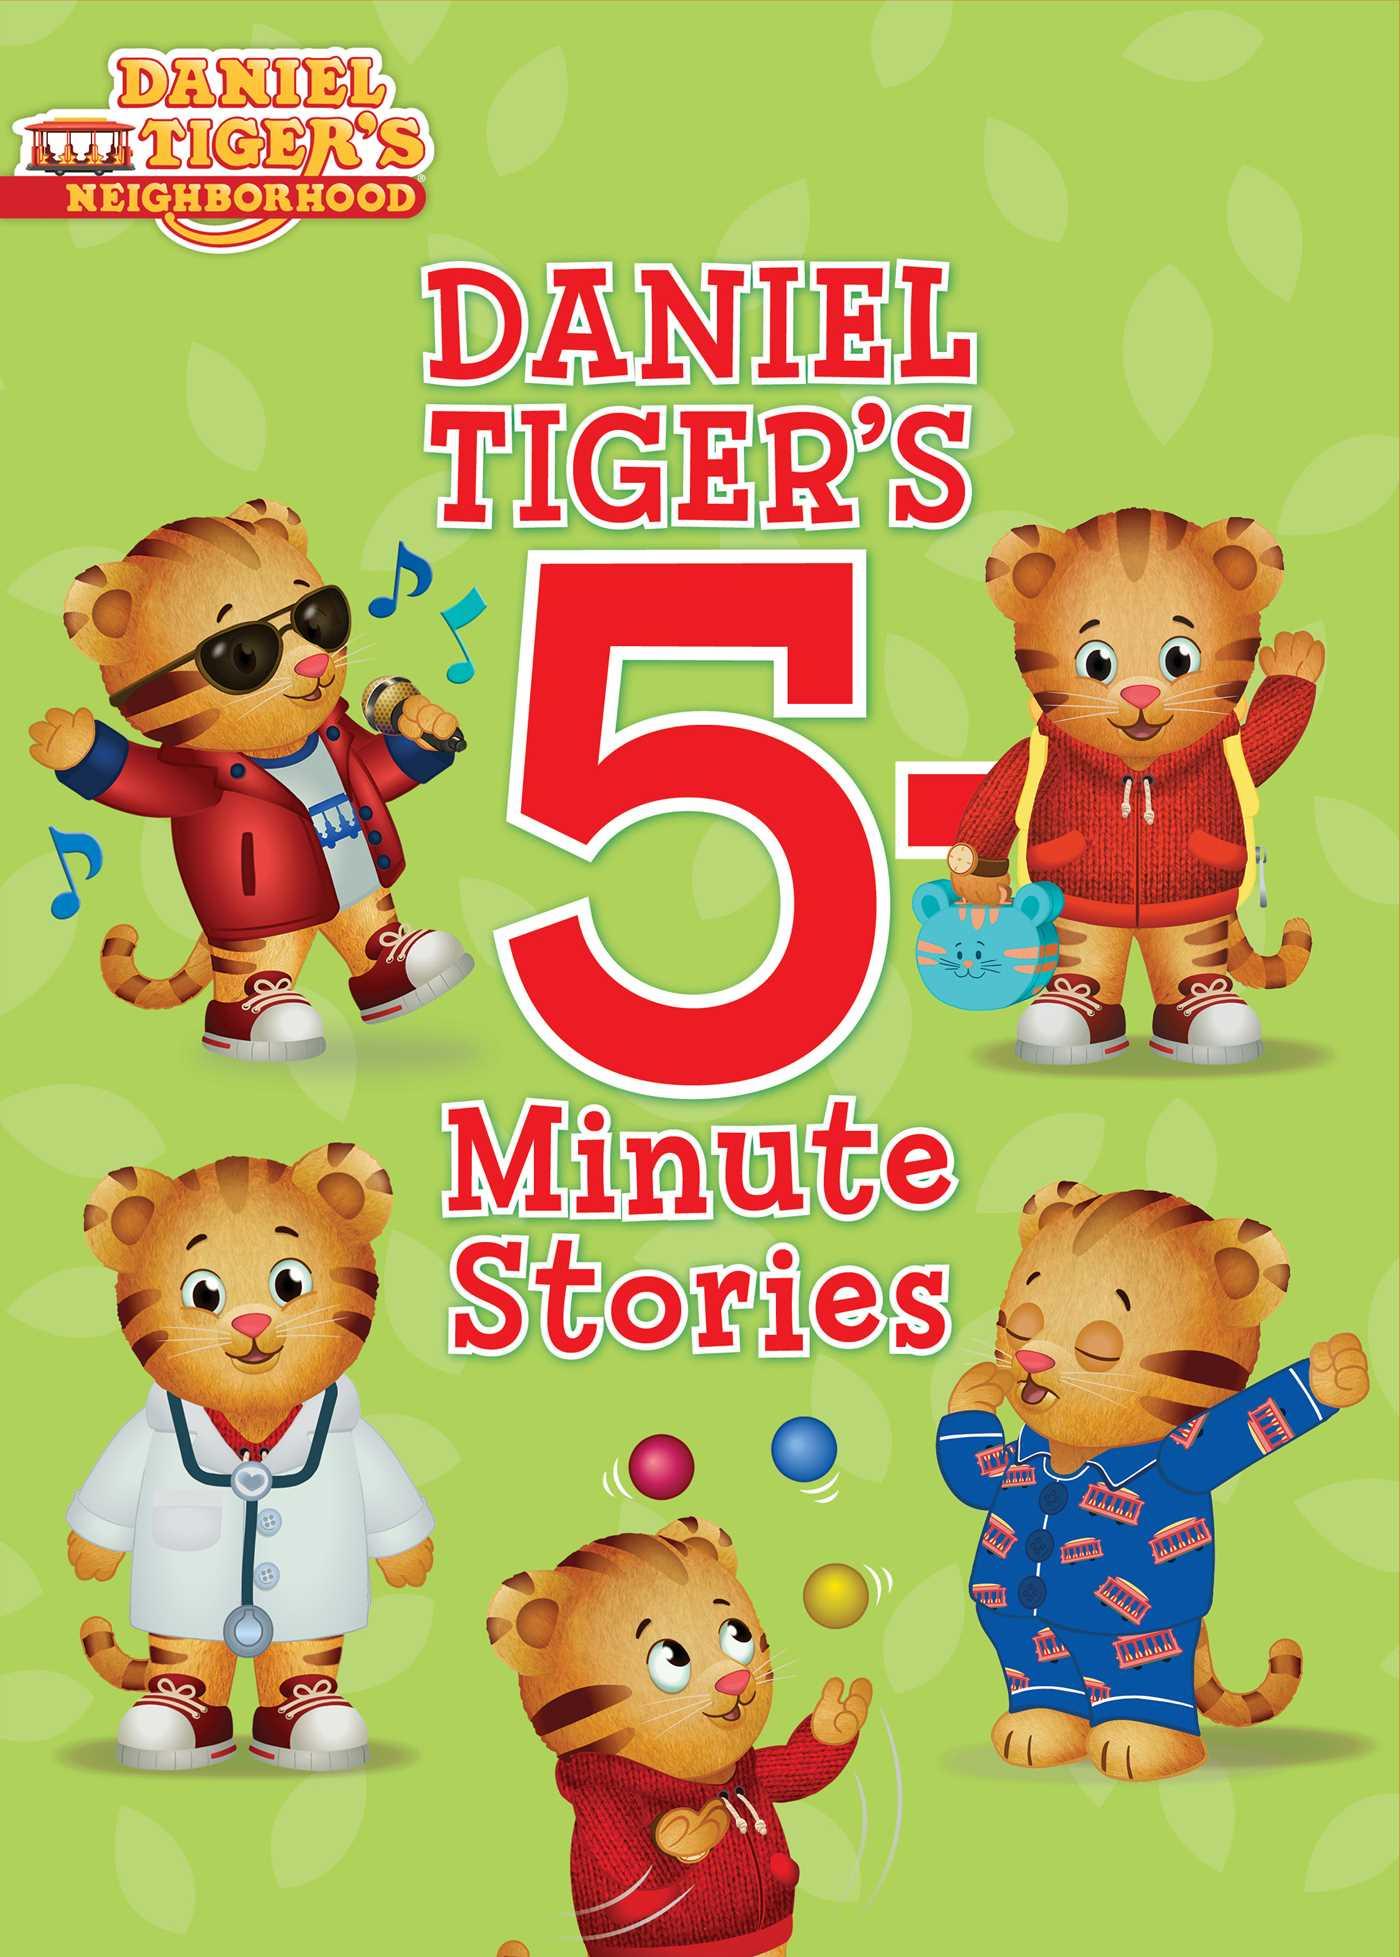 Daniel tigers 5 minute stories 9781481492201 hr